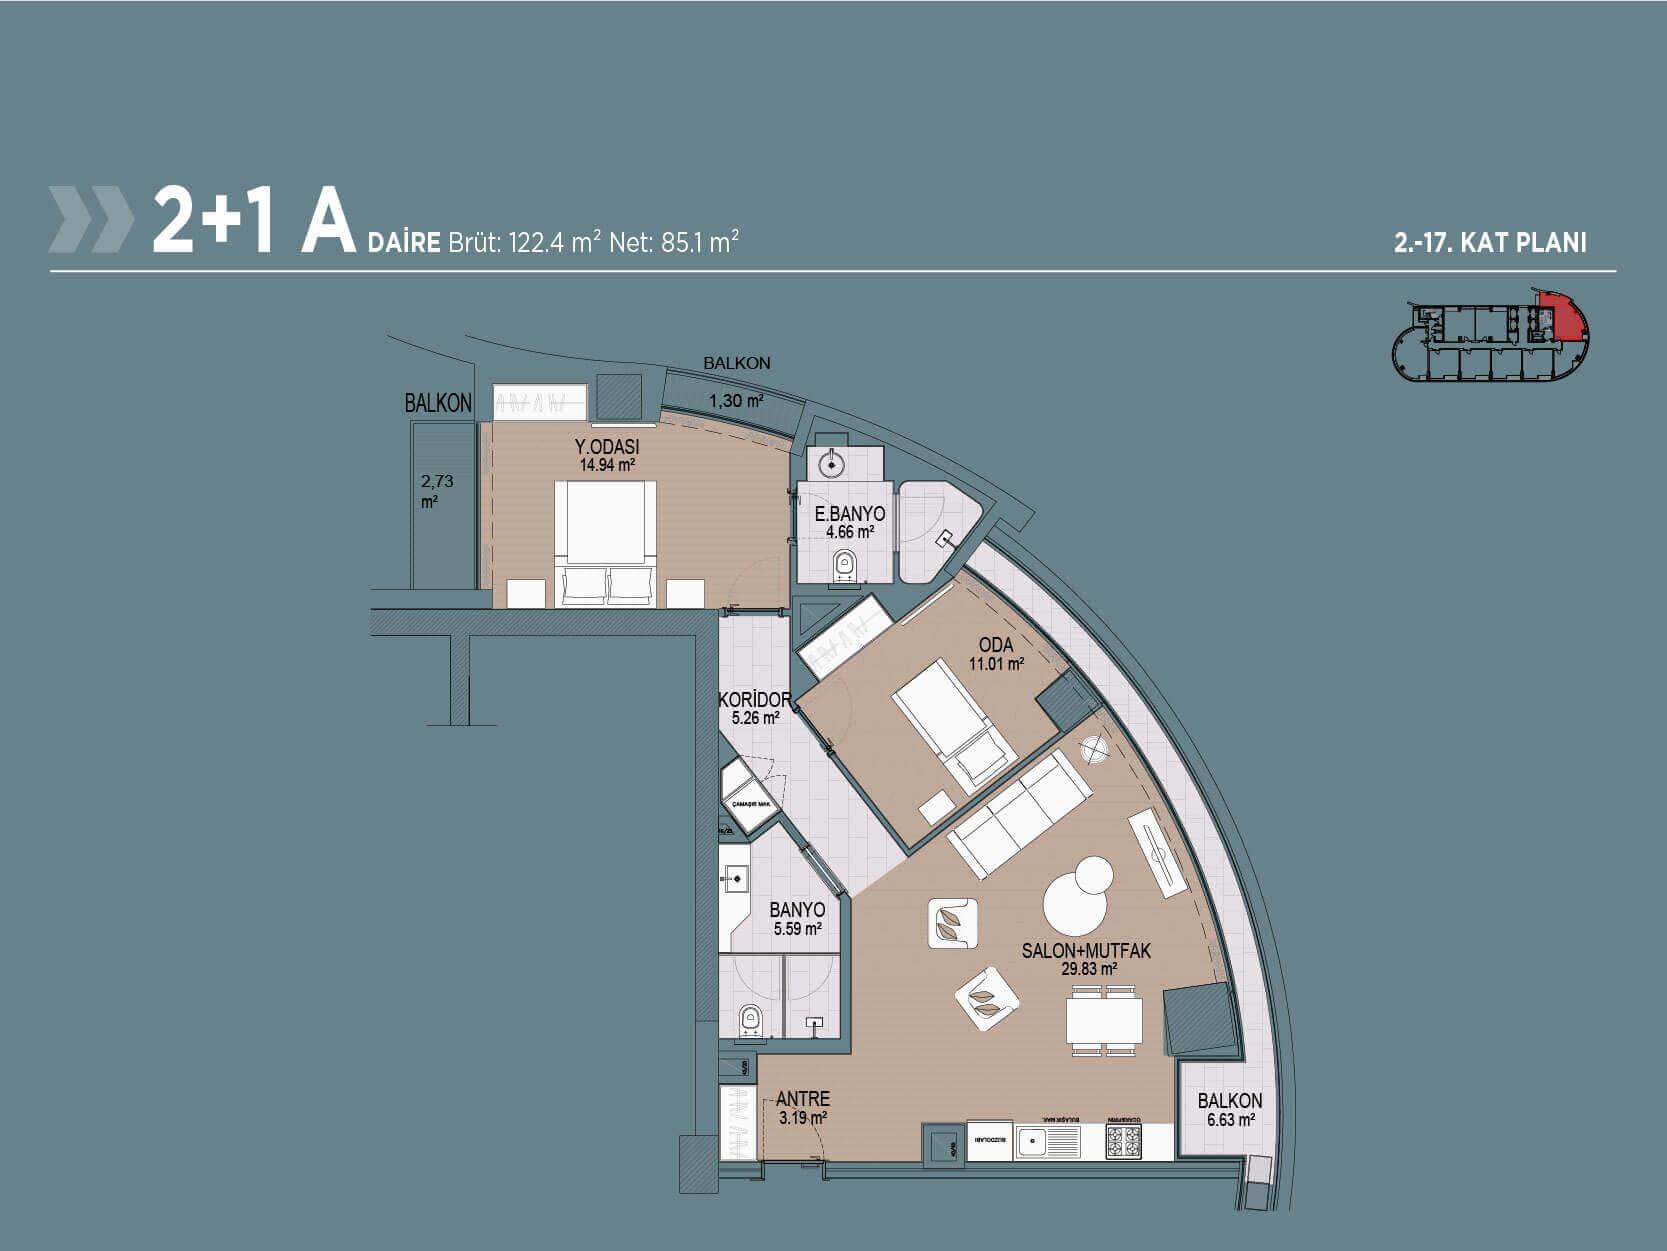 2+1 Floor Plan